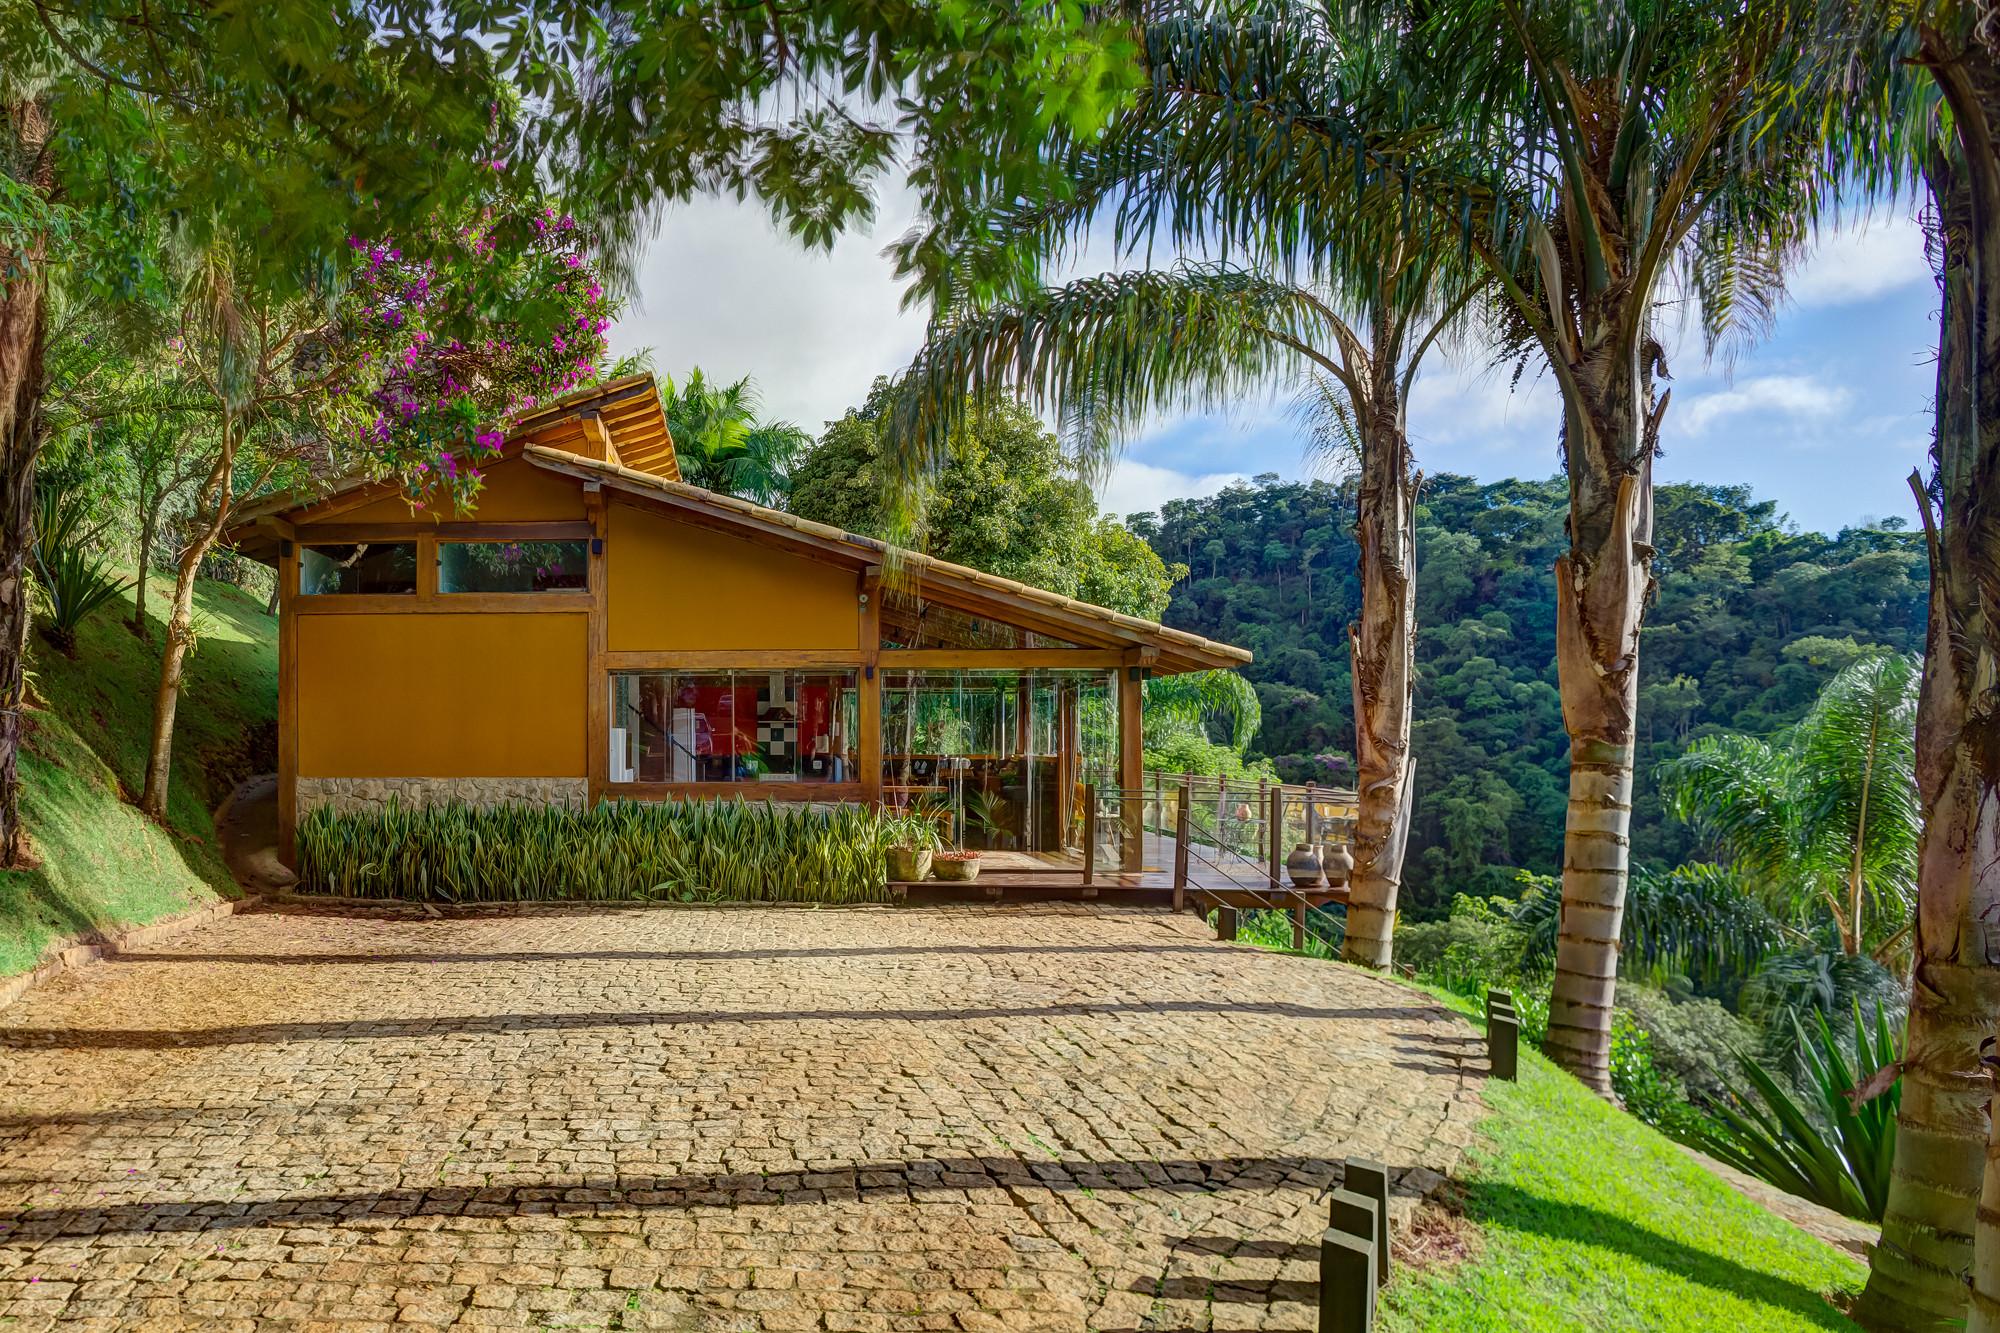 Galeria de casa de campo em macacos ana cristina faria for Modelos de casas de campo sencillas